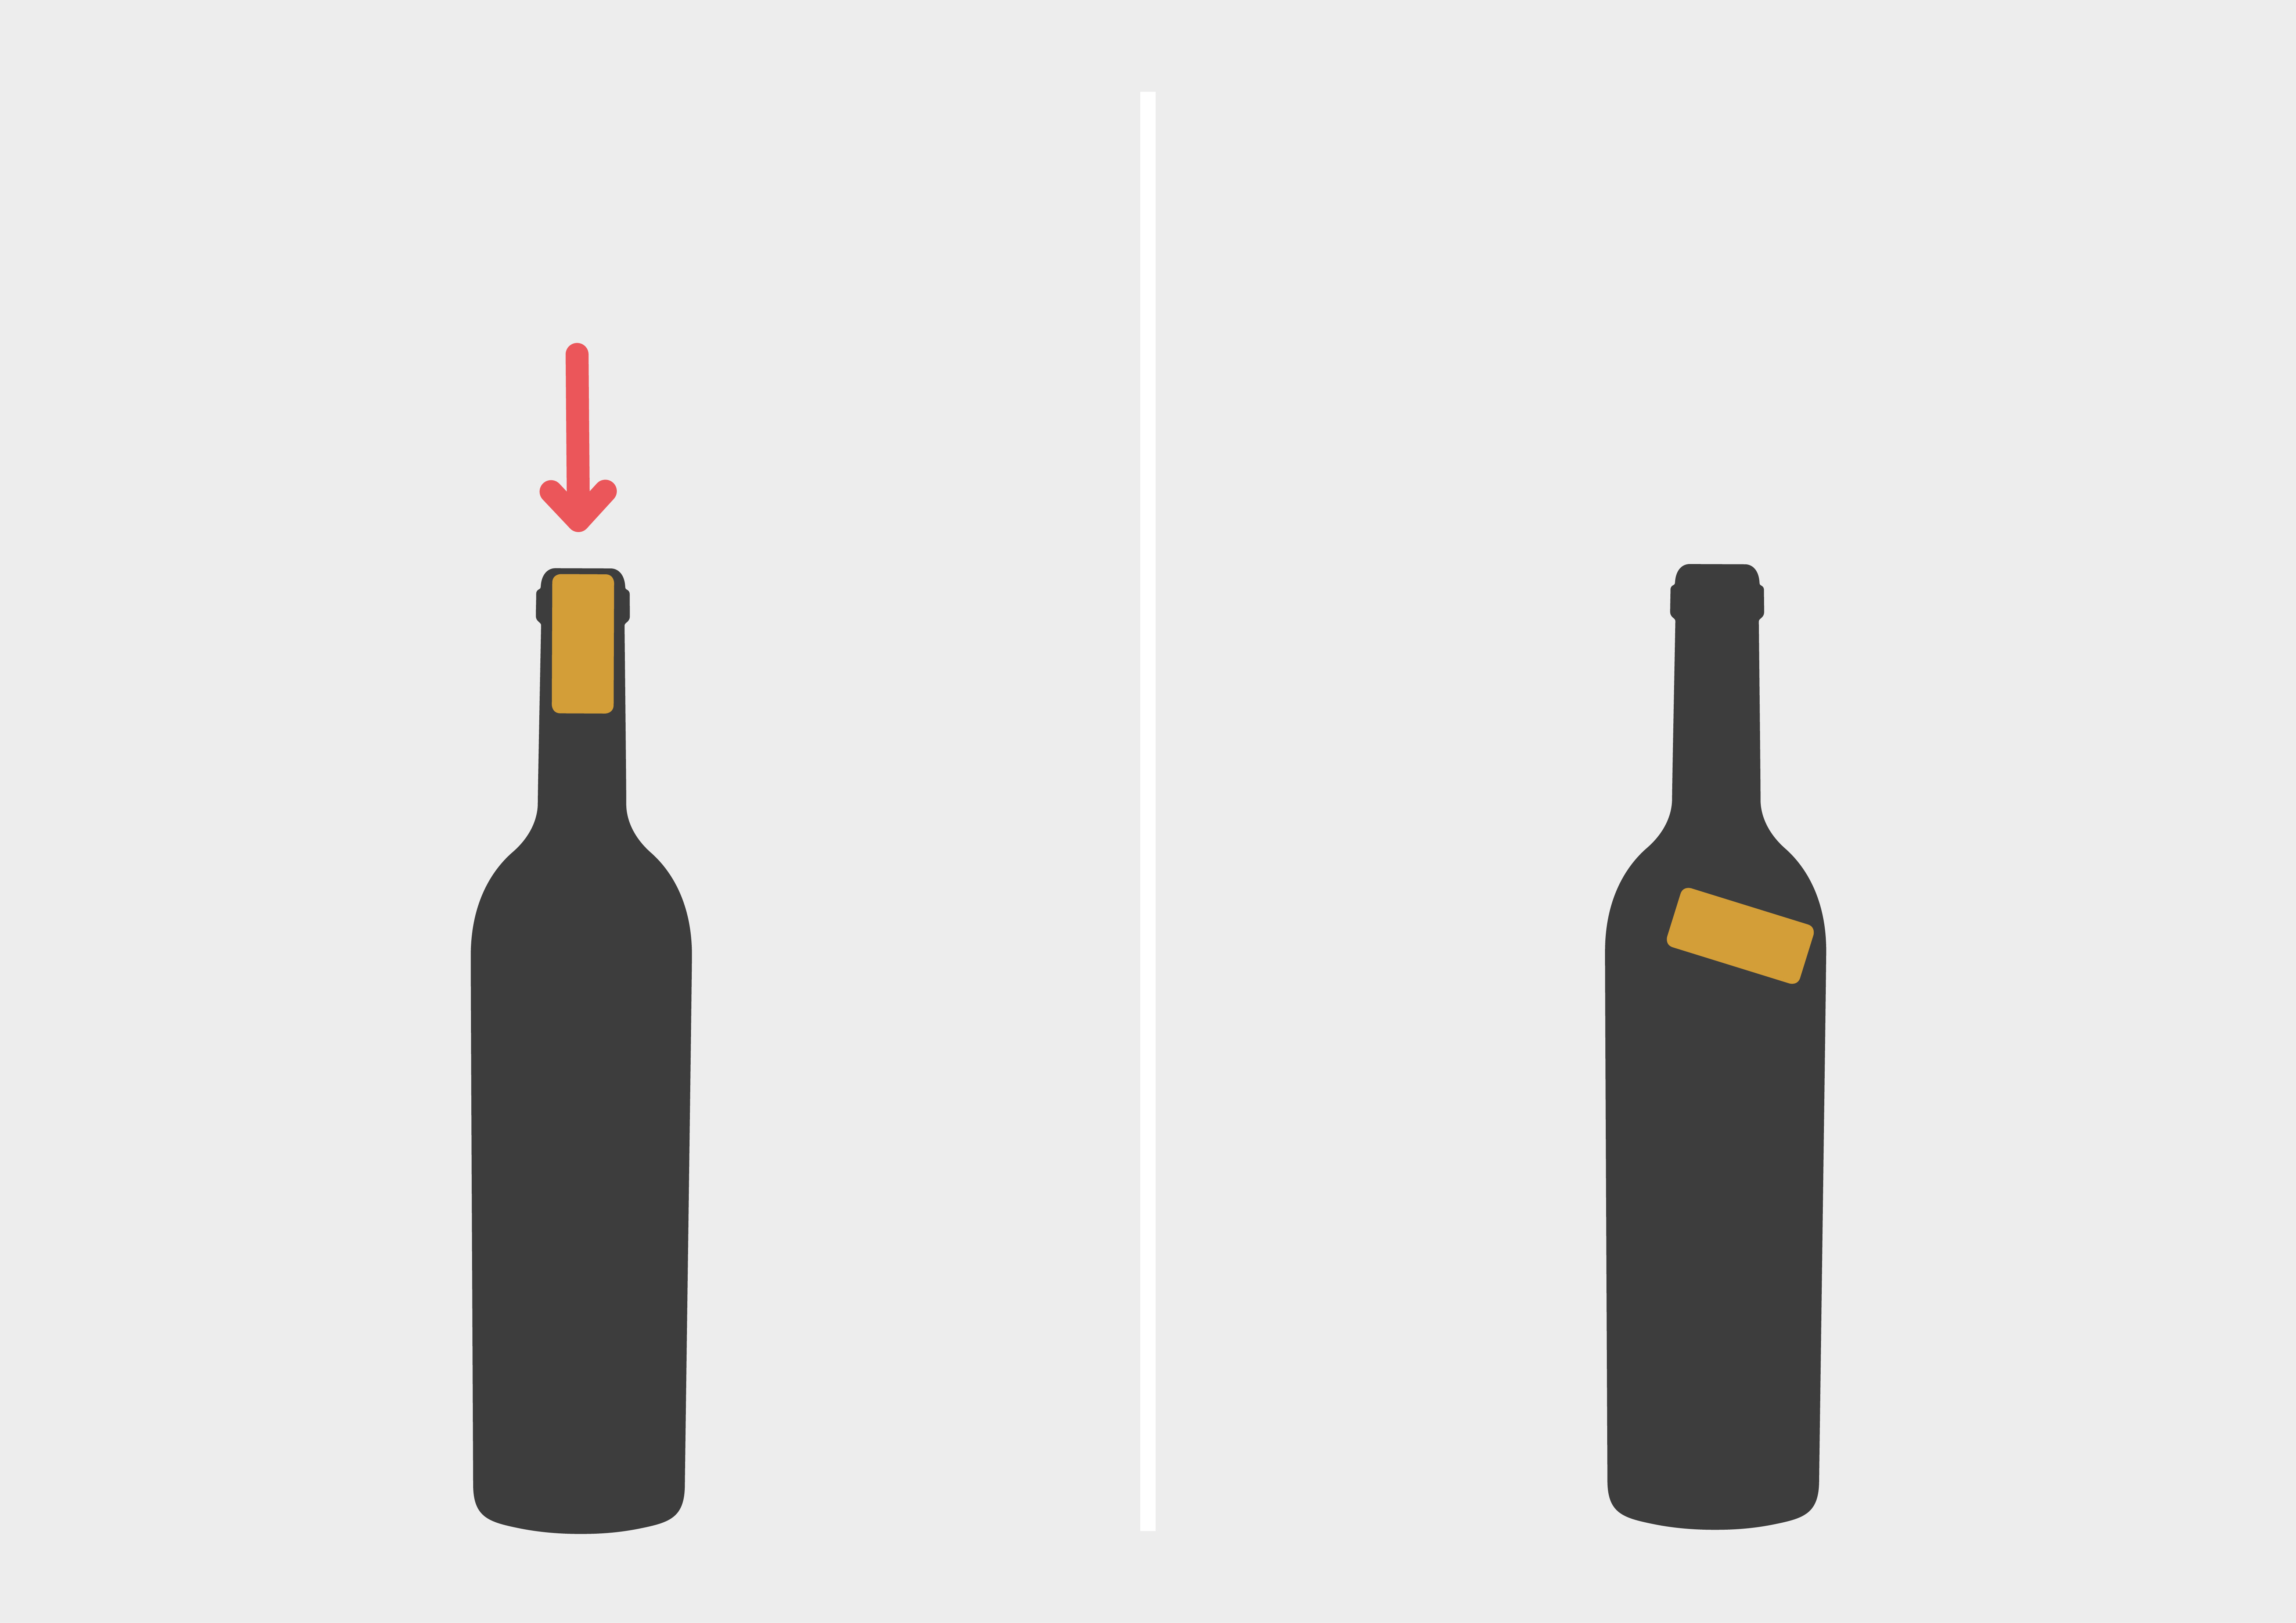 Weinflasche öffnen - Korken reindrücken